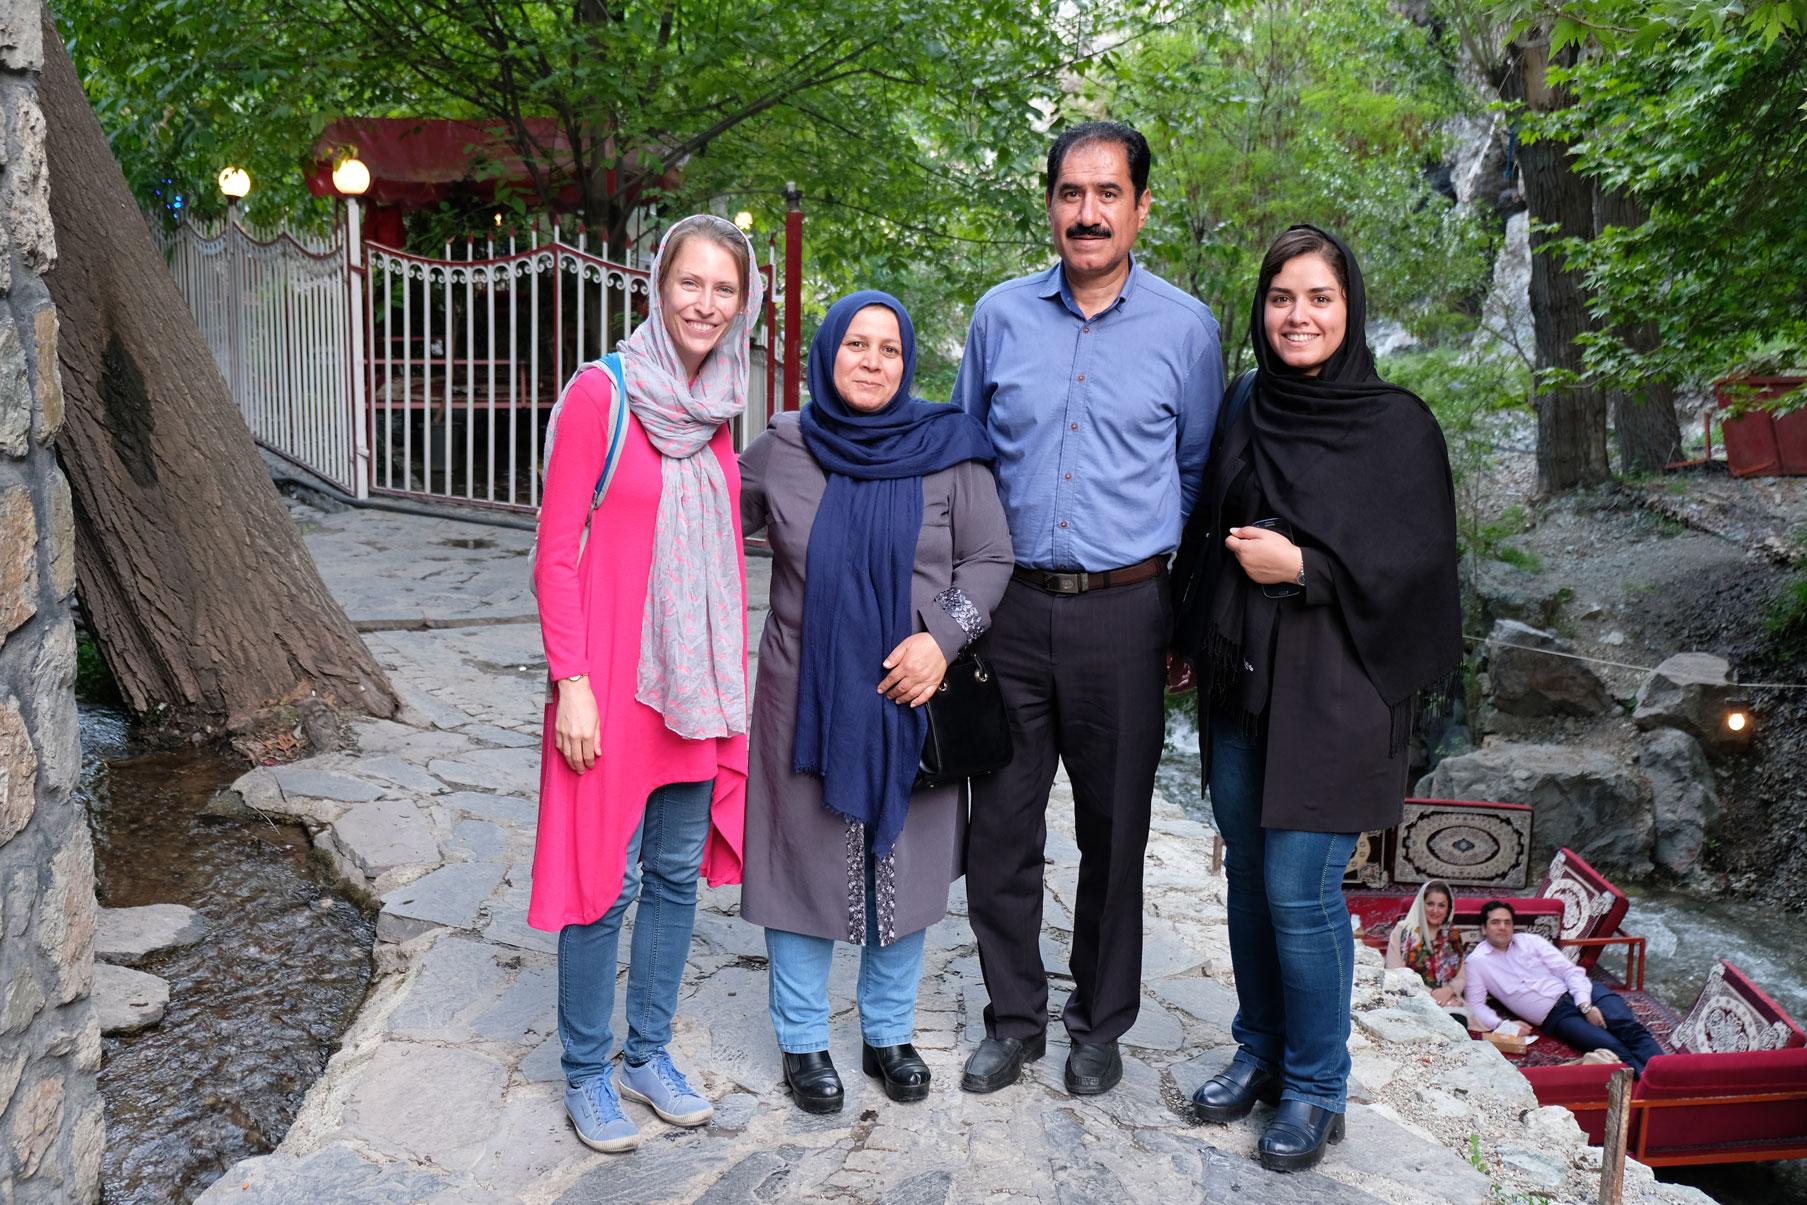 Unterwegs treffen wir eine iranische Studentin, die Deutsch studiert und mit ihren Eltern unterwegs ist